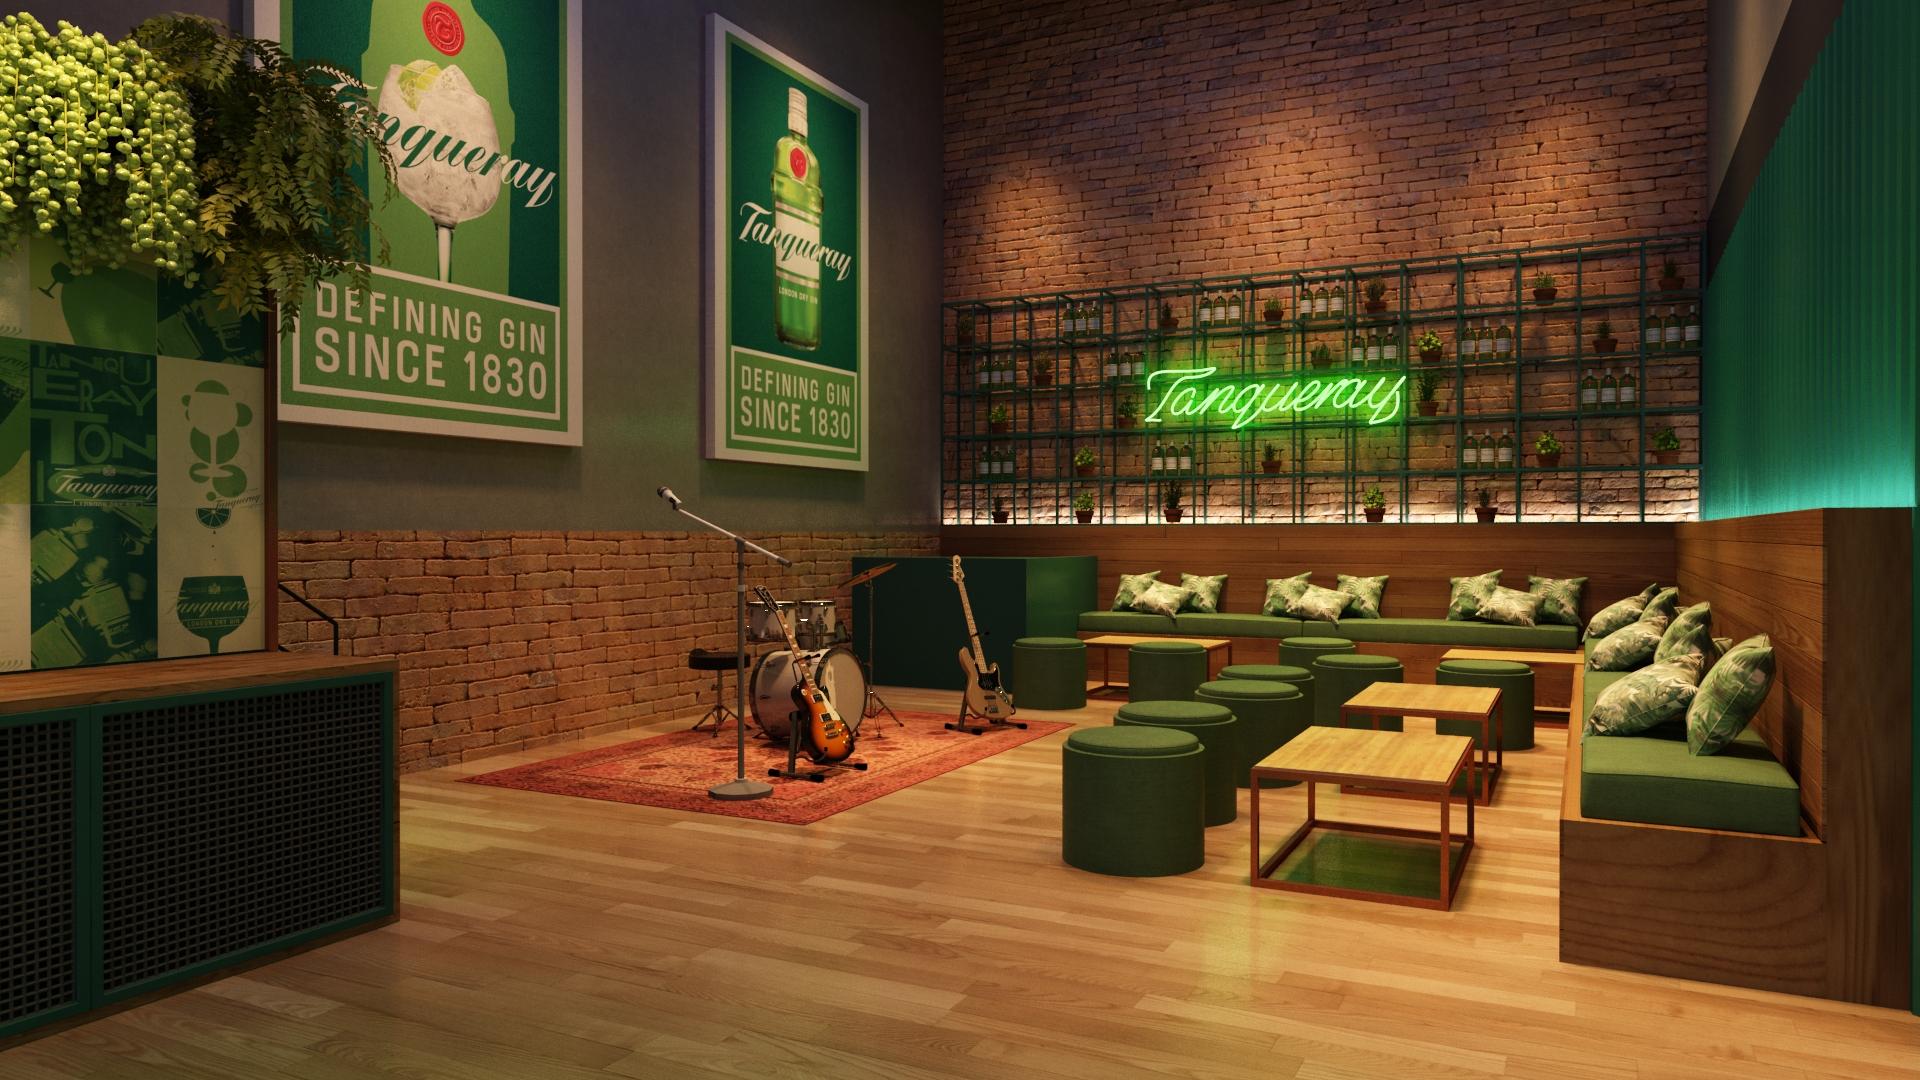 Com criatividade, a decoração personalizada cria o ambiente perfeito para momentos de integração e relacionamento para sua empresa. Na foto, Tanqueary Mixed Gin Bar, um pop up bar para promoção da marca.